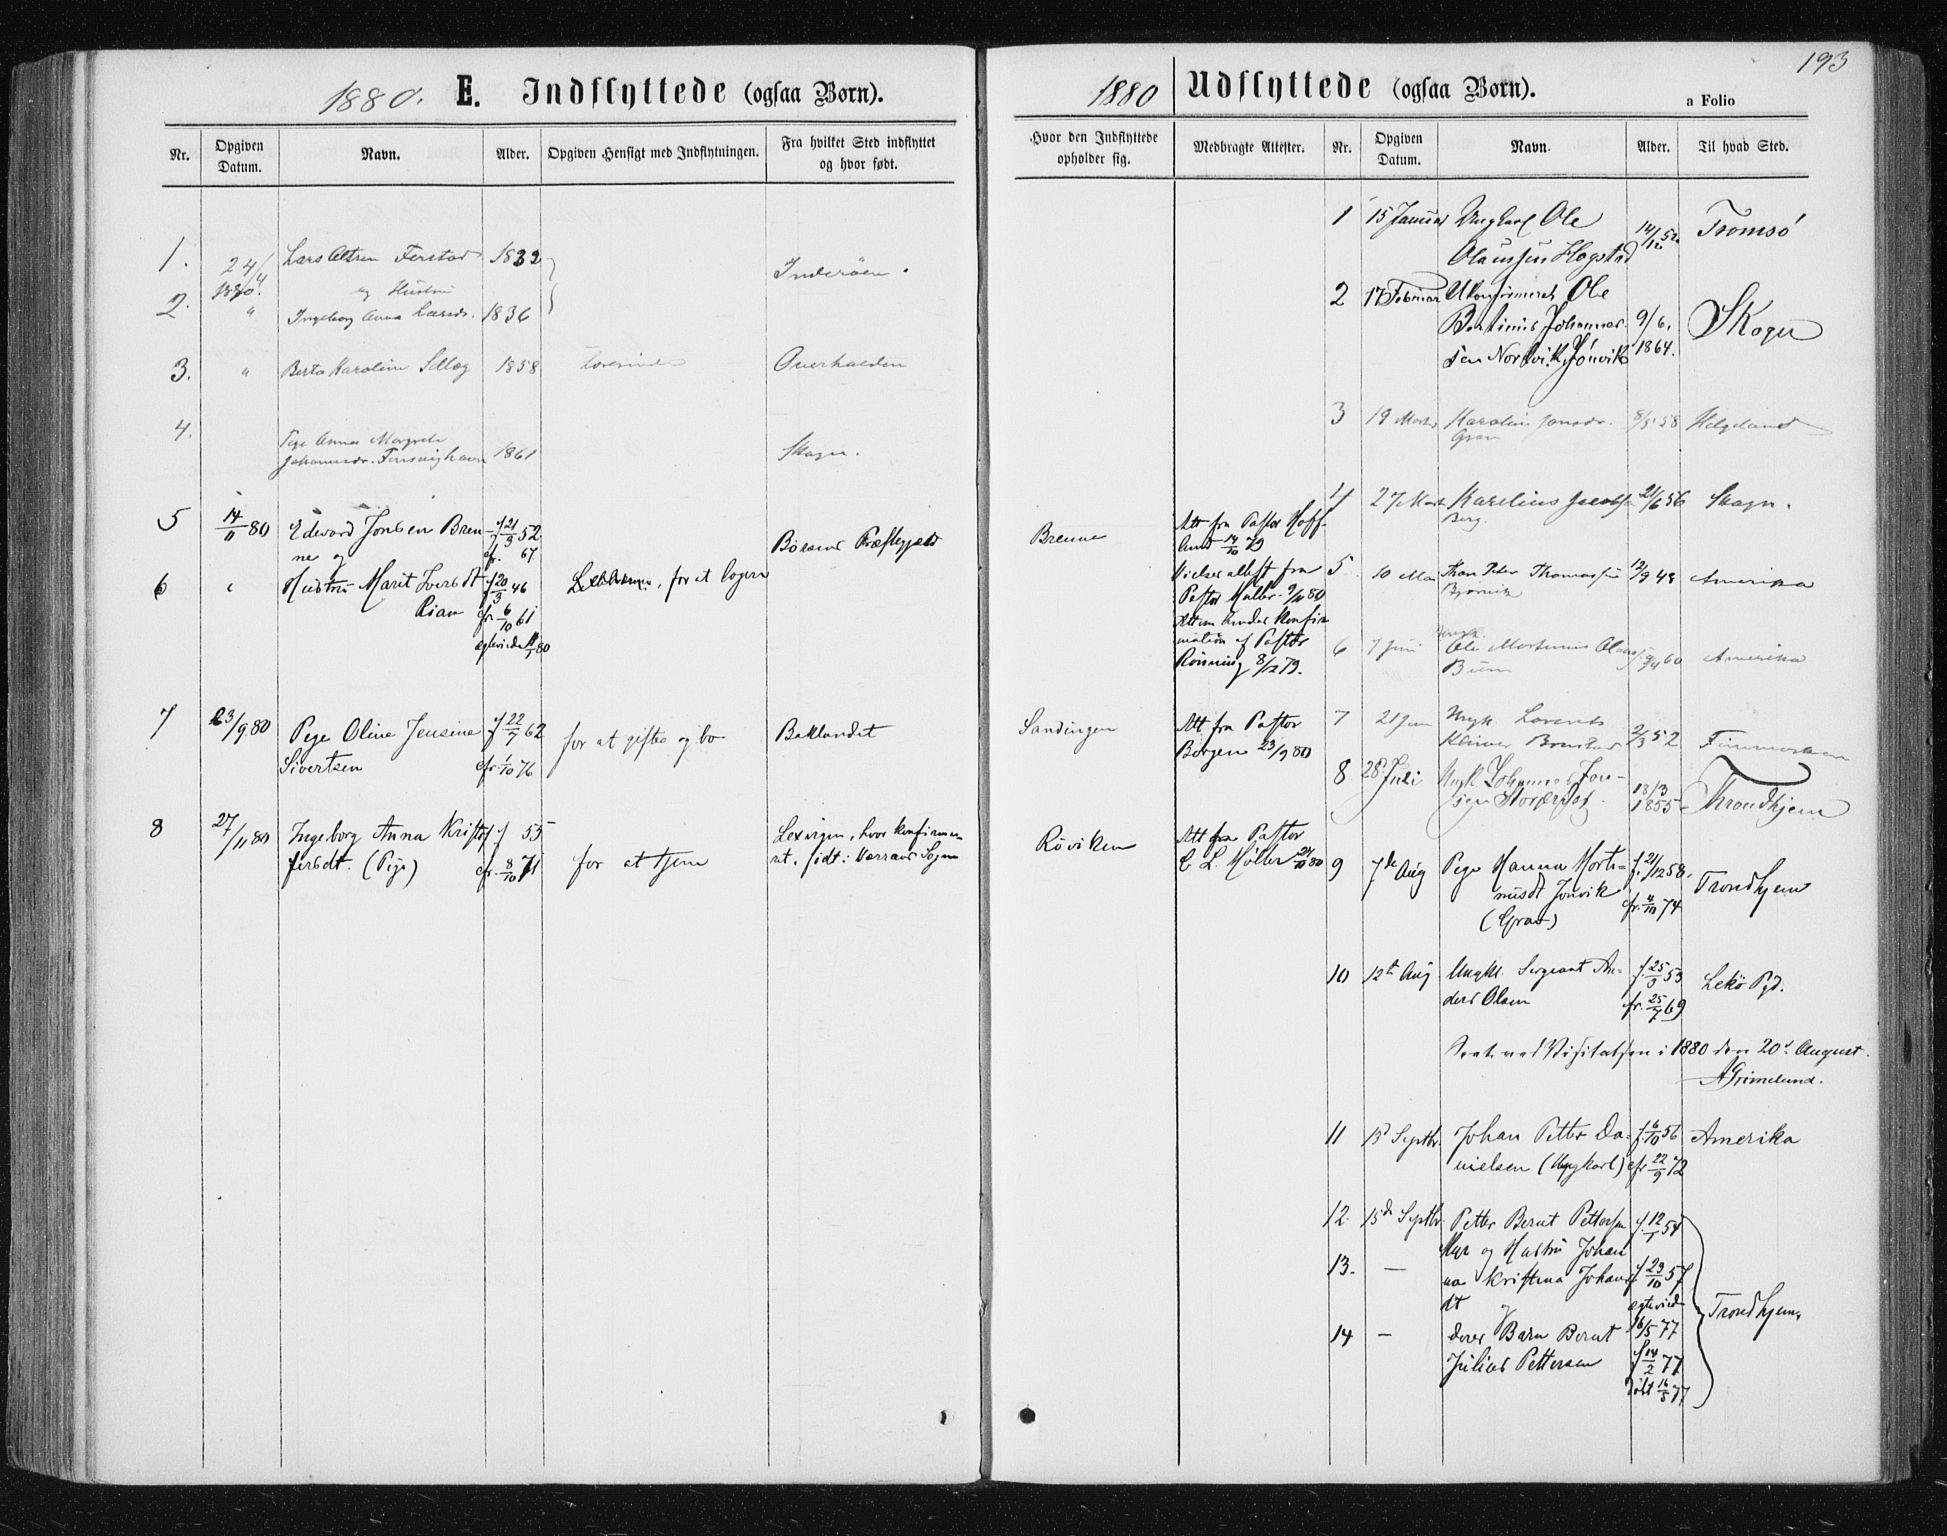 SAT, Ministerialprotokoller, klokkerbøker og fødselsregistre - Nord-Trøndelag, 722/L0219: Ministerialbok nr. 722A06, 1868-1880, s. 193